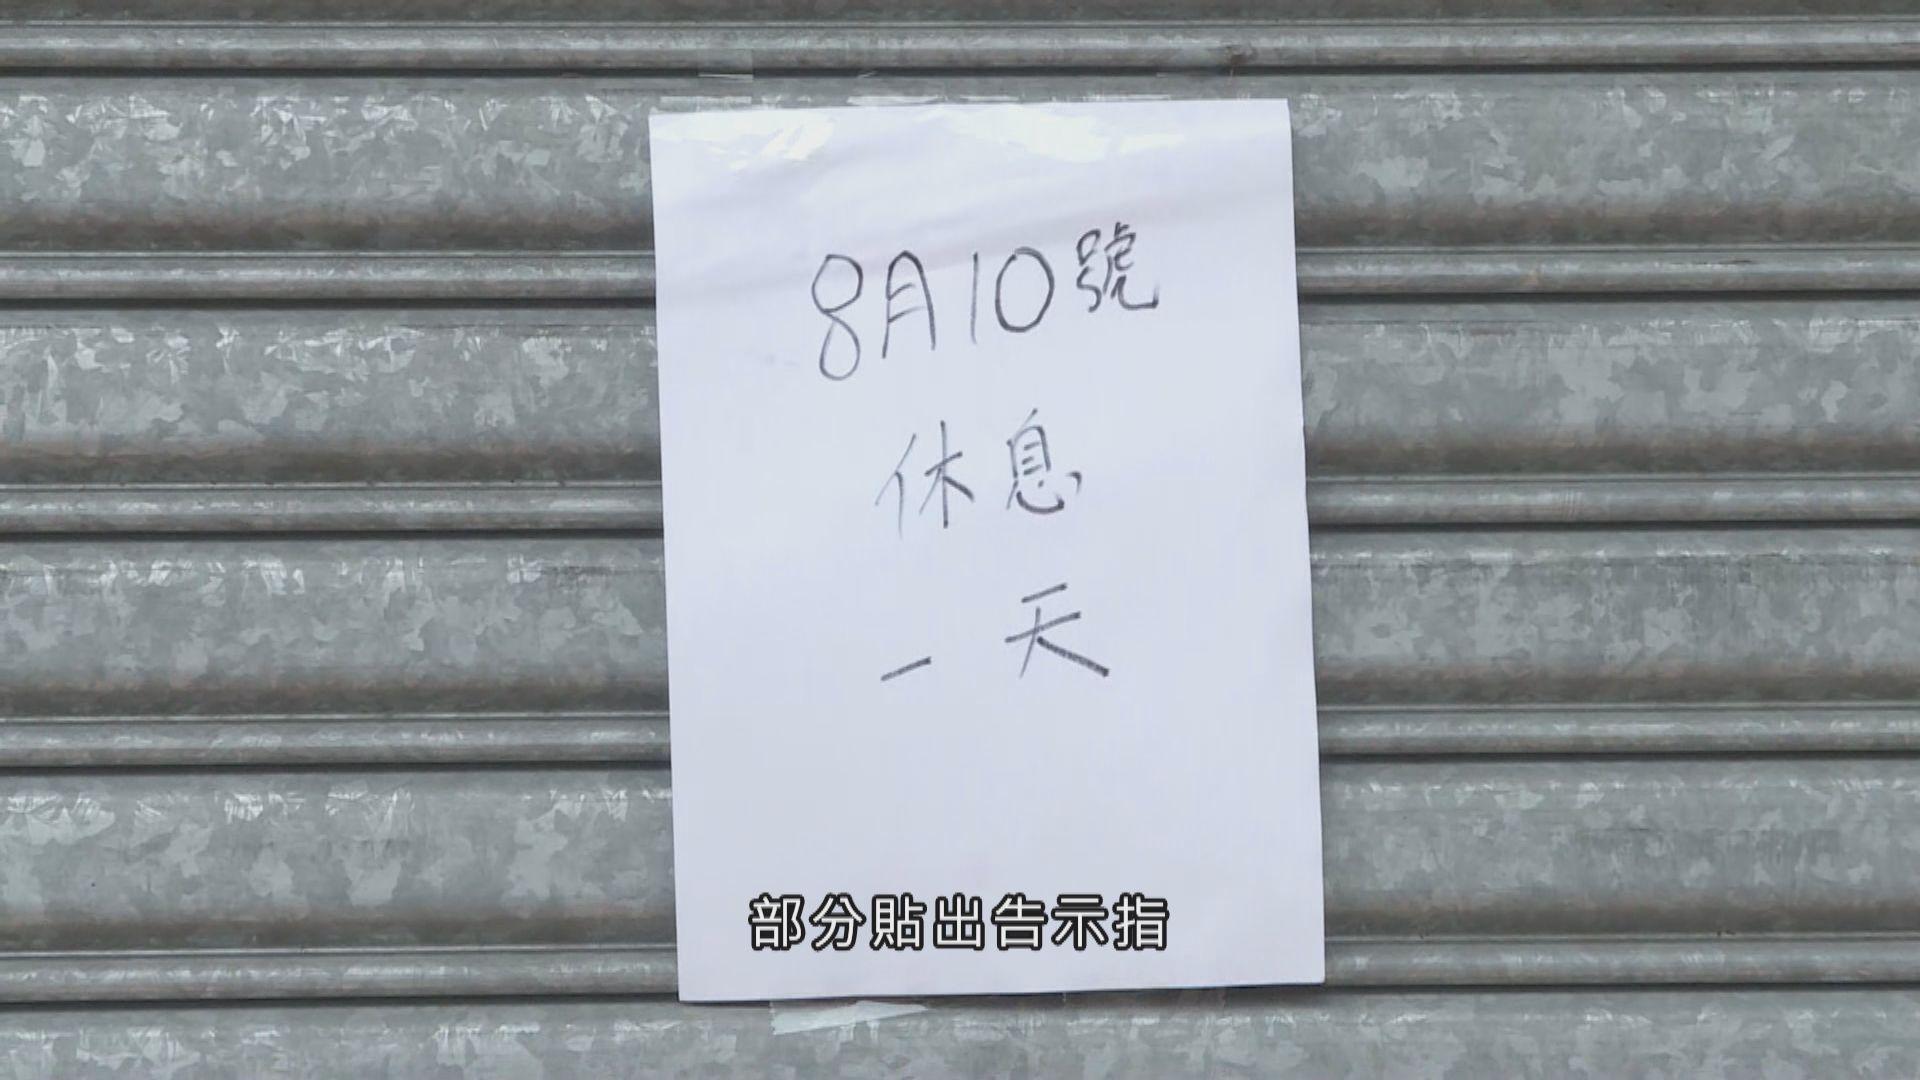 警方在大埔區加強戒備 多間商鋪都提早關門